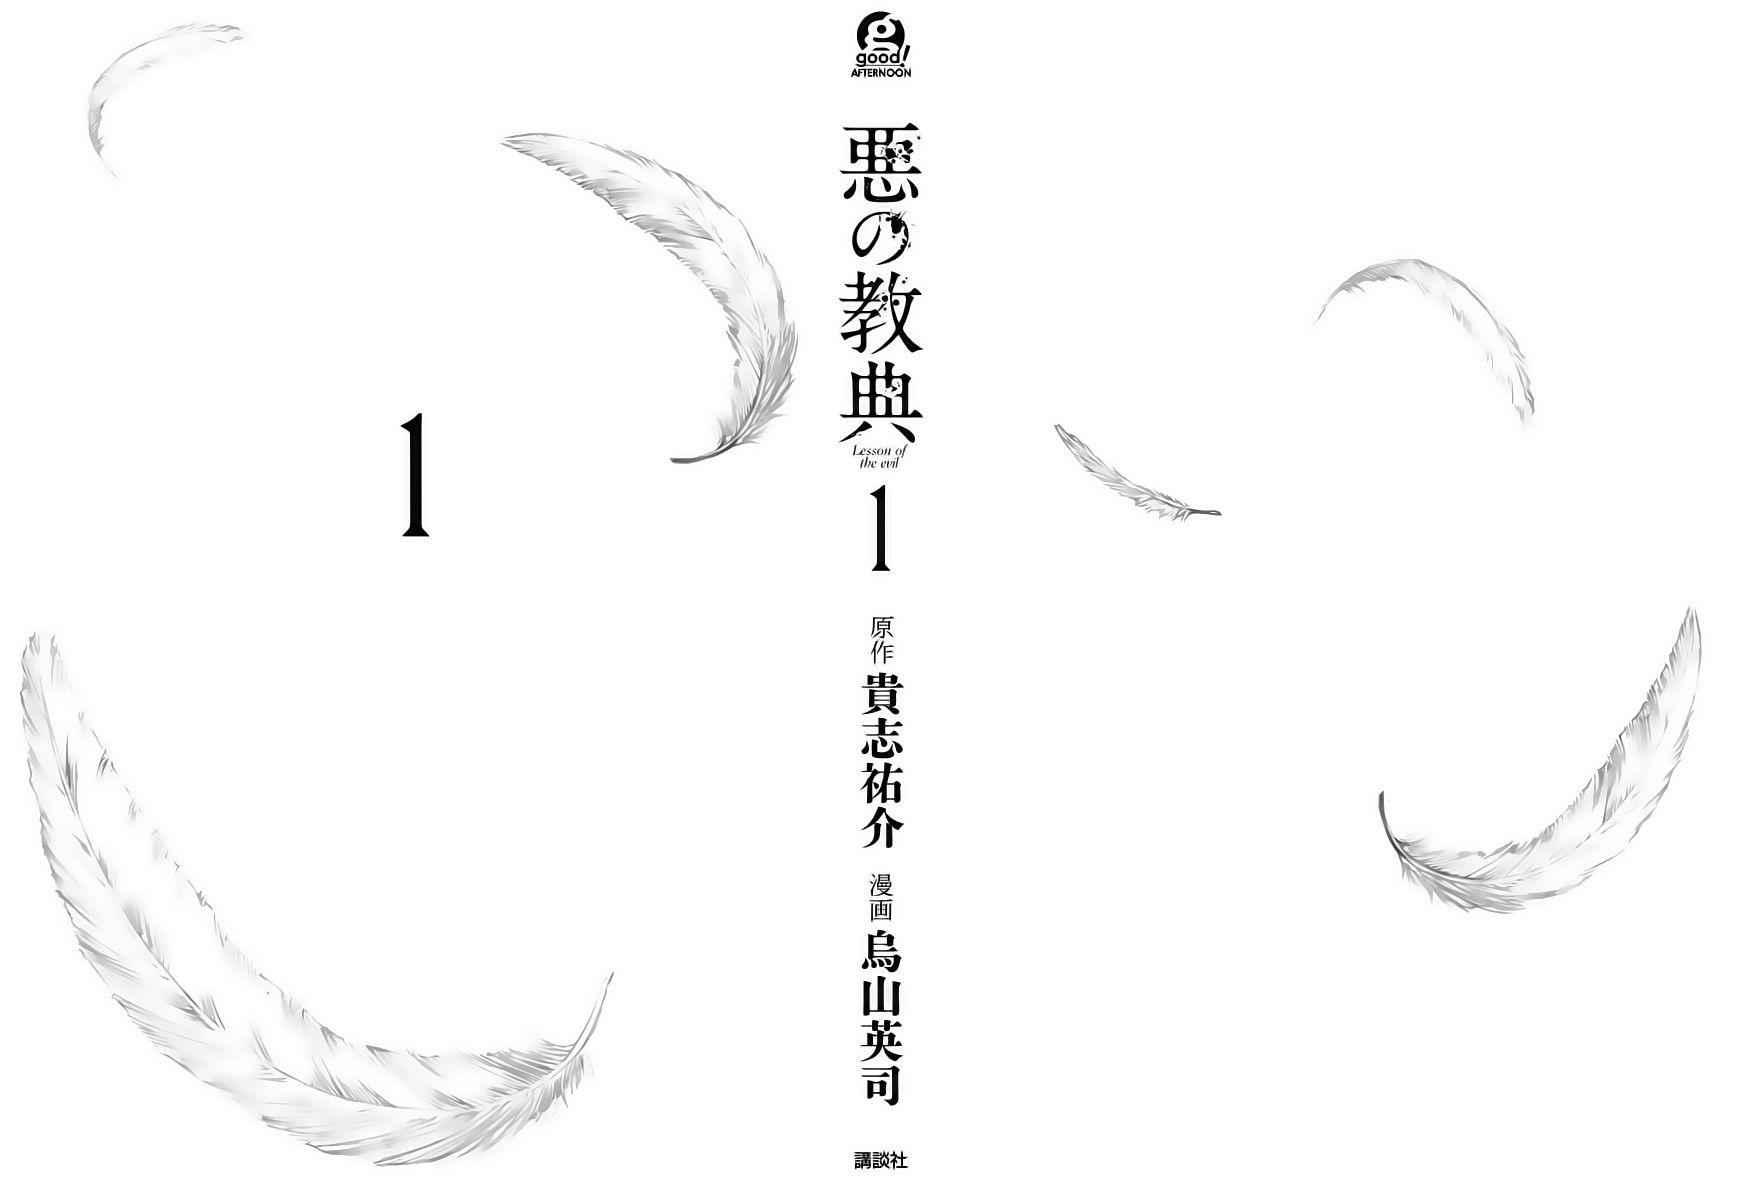 http://c5.ninemanga.com/es_manga/3/19523/460595/2490b2cf56ddf36266d15d71da80bcc0.jpg Page 2